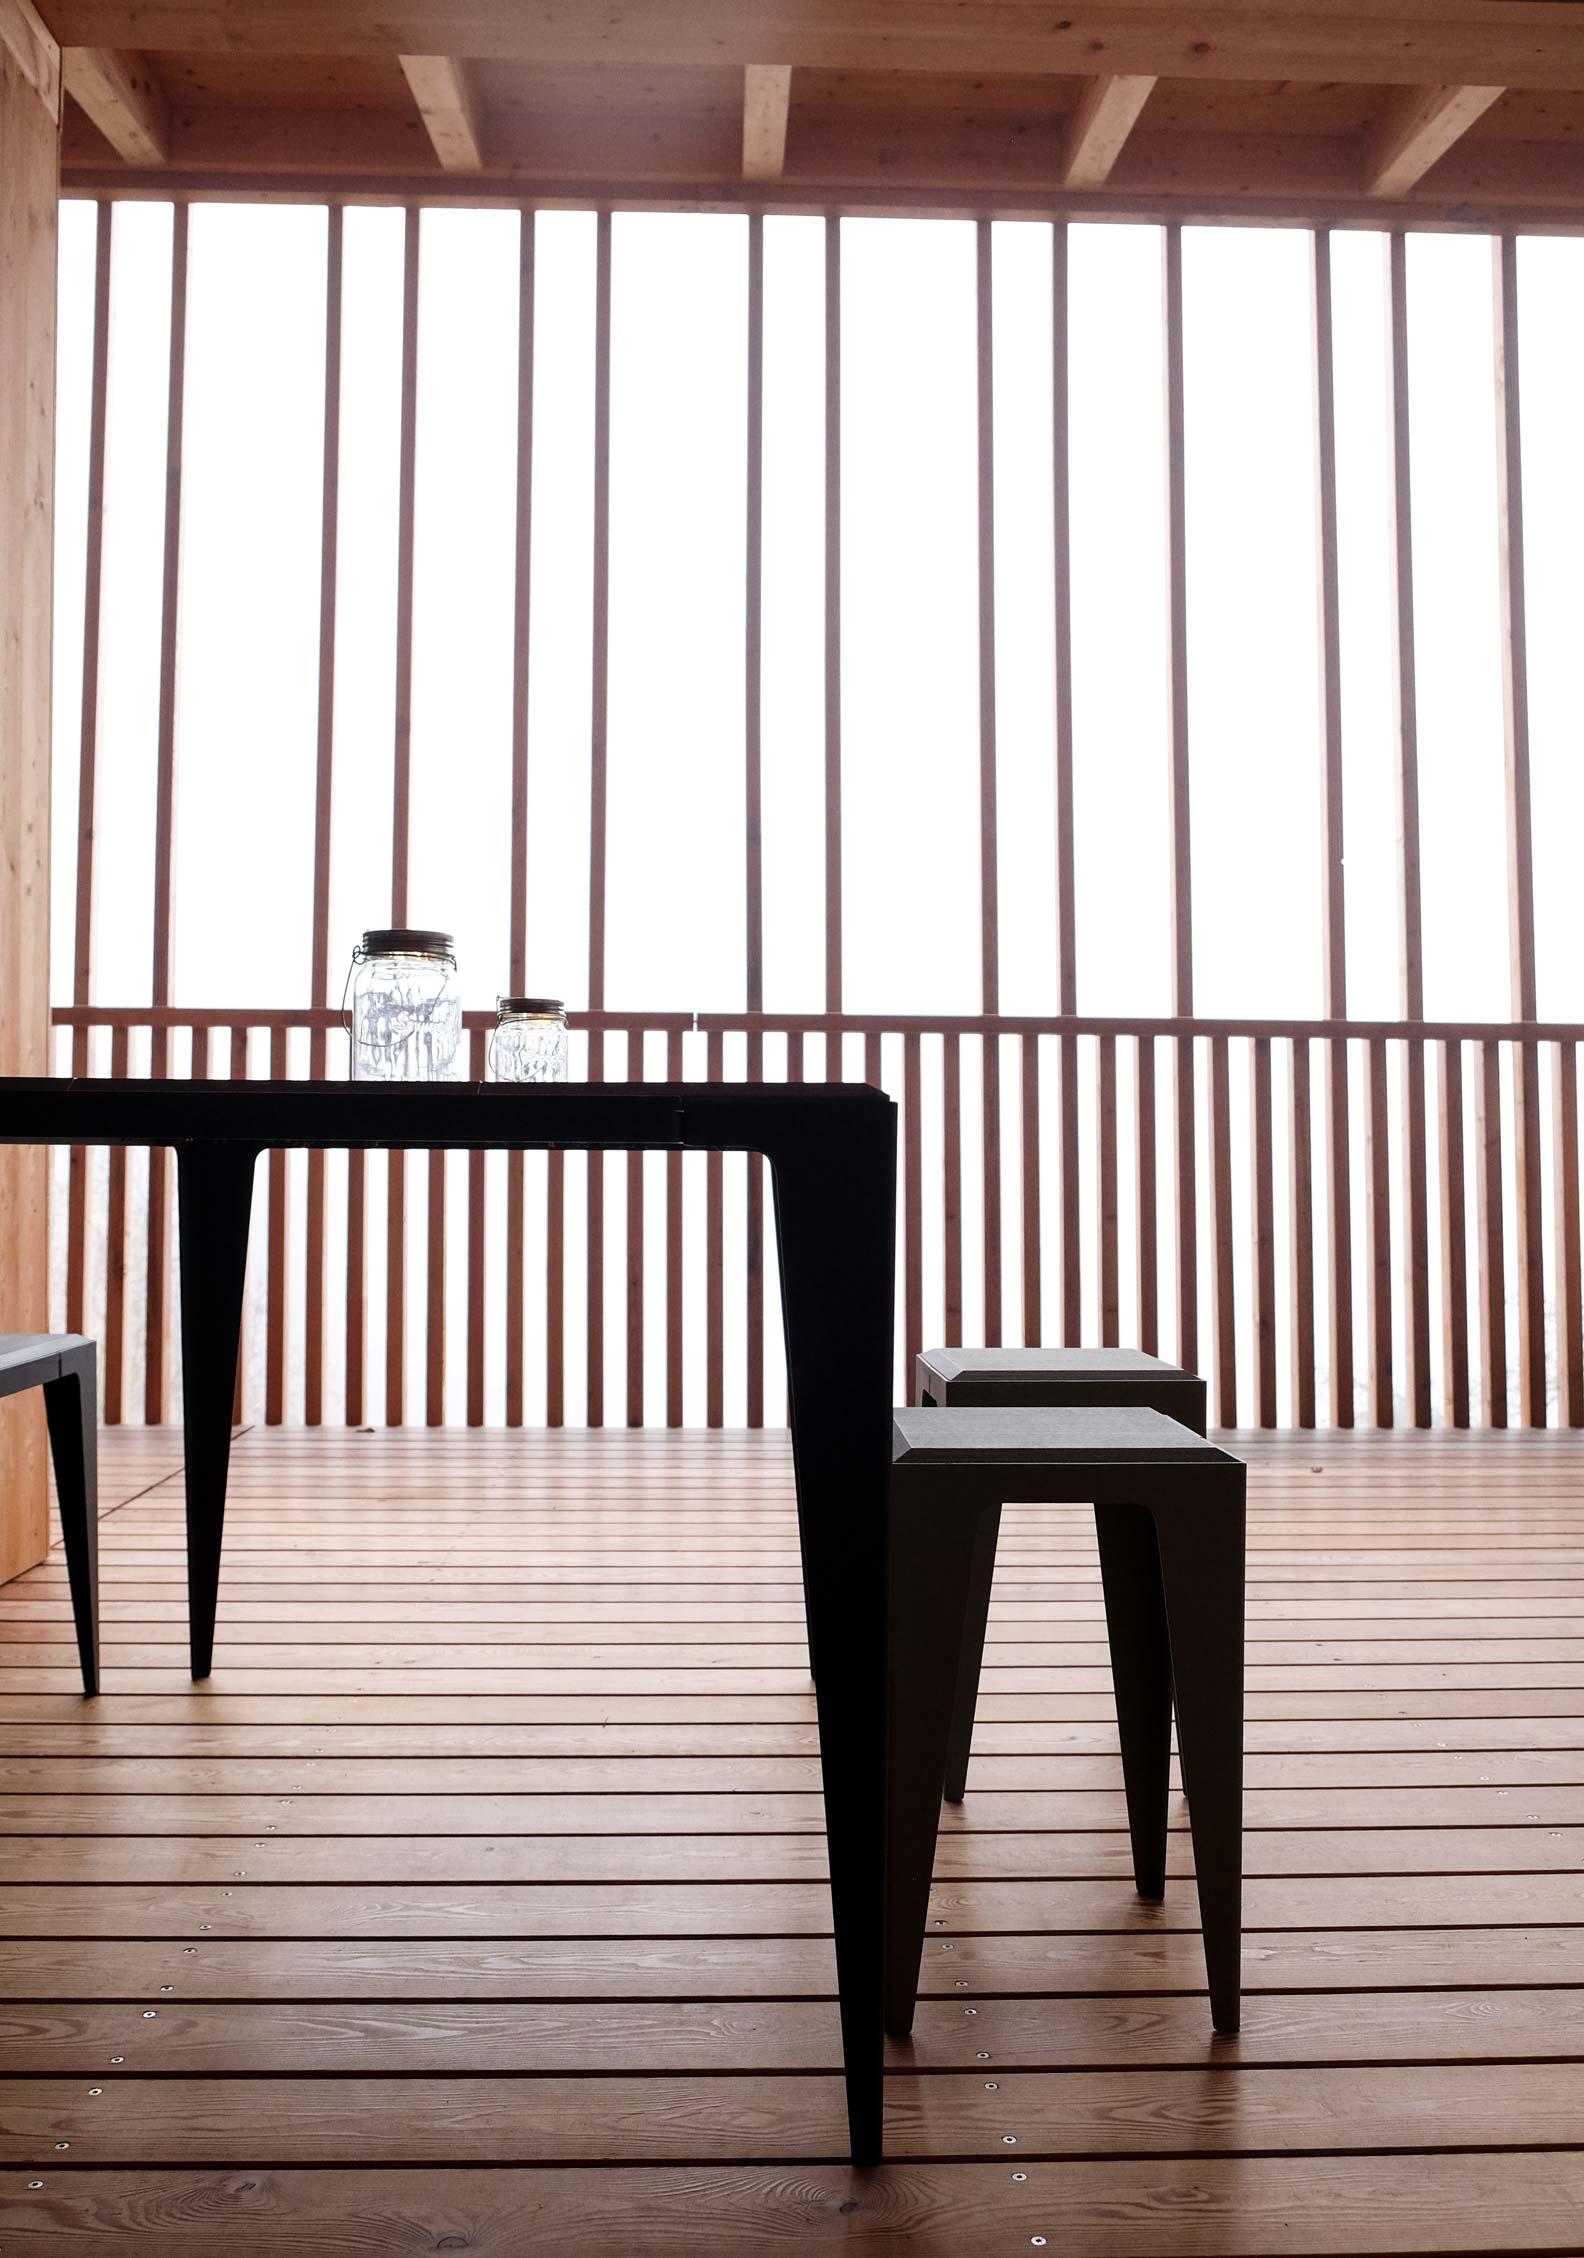 Akzente setzen mit Möbeln